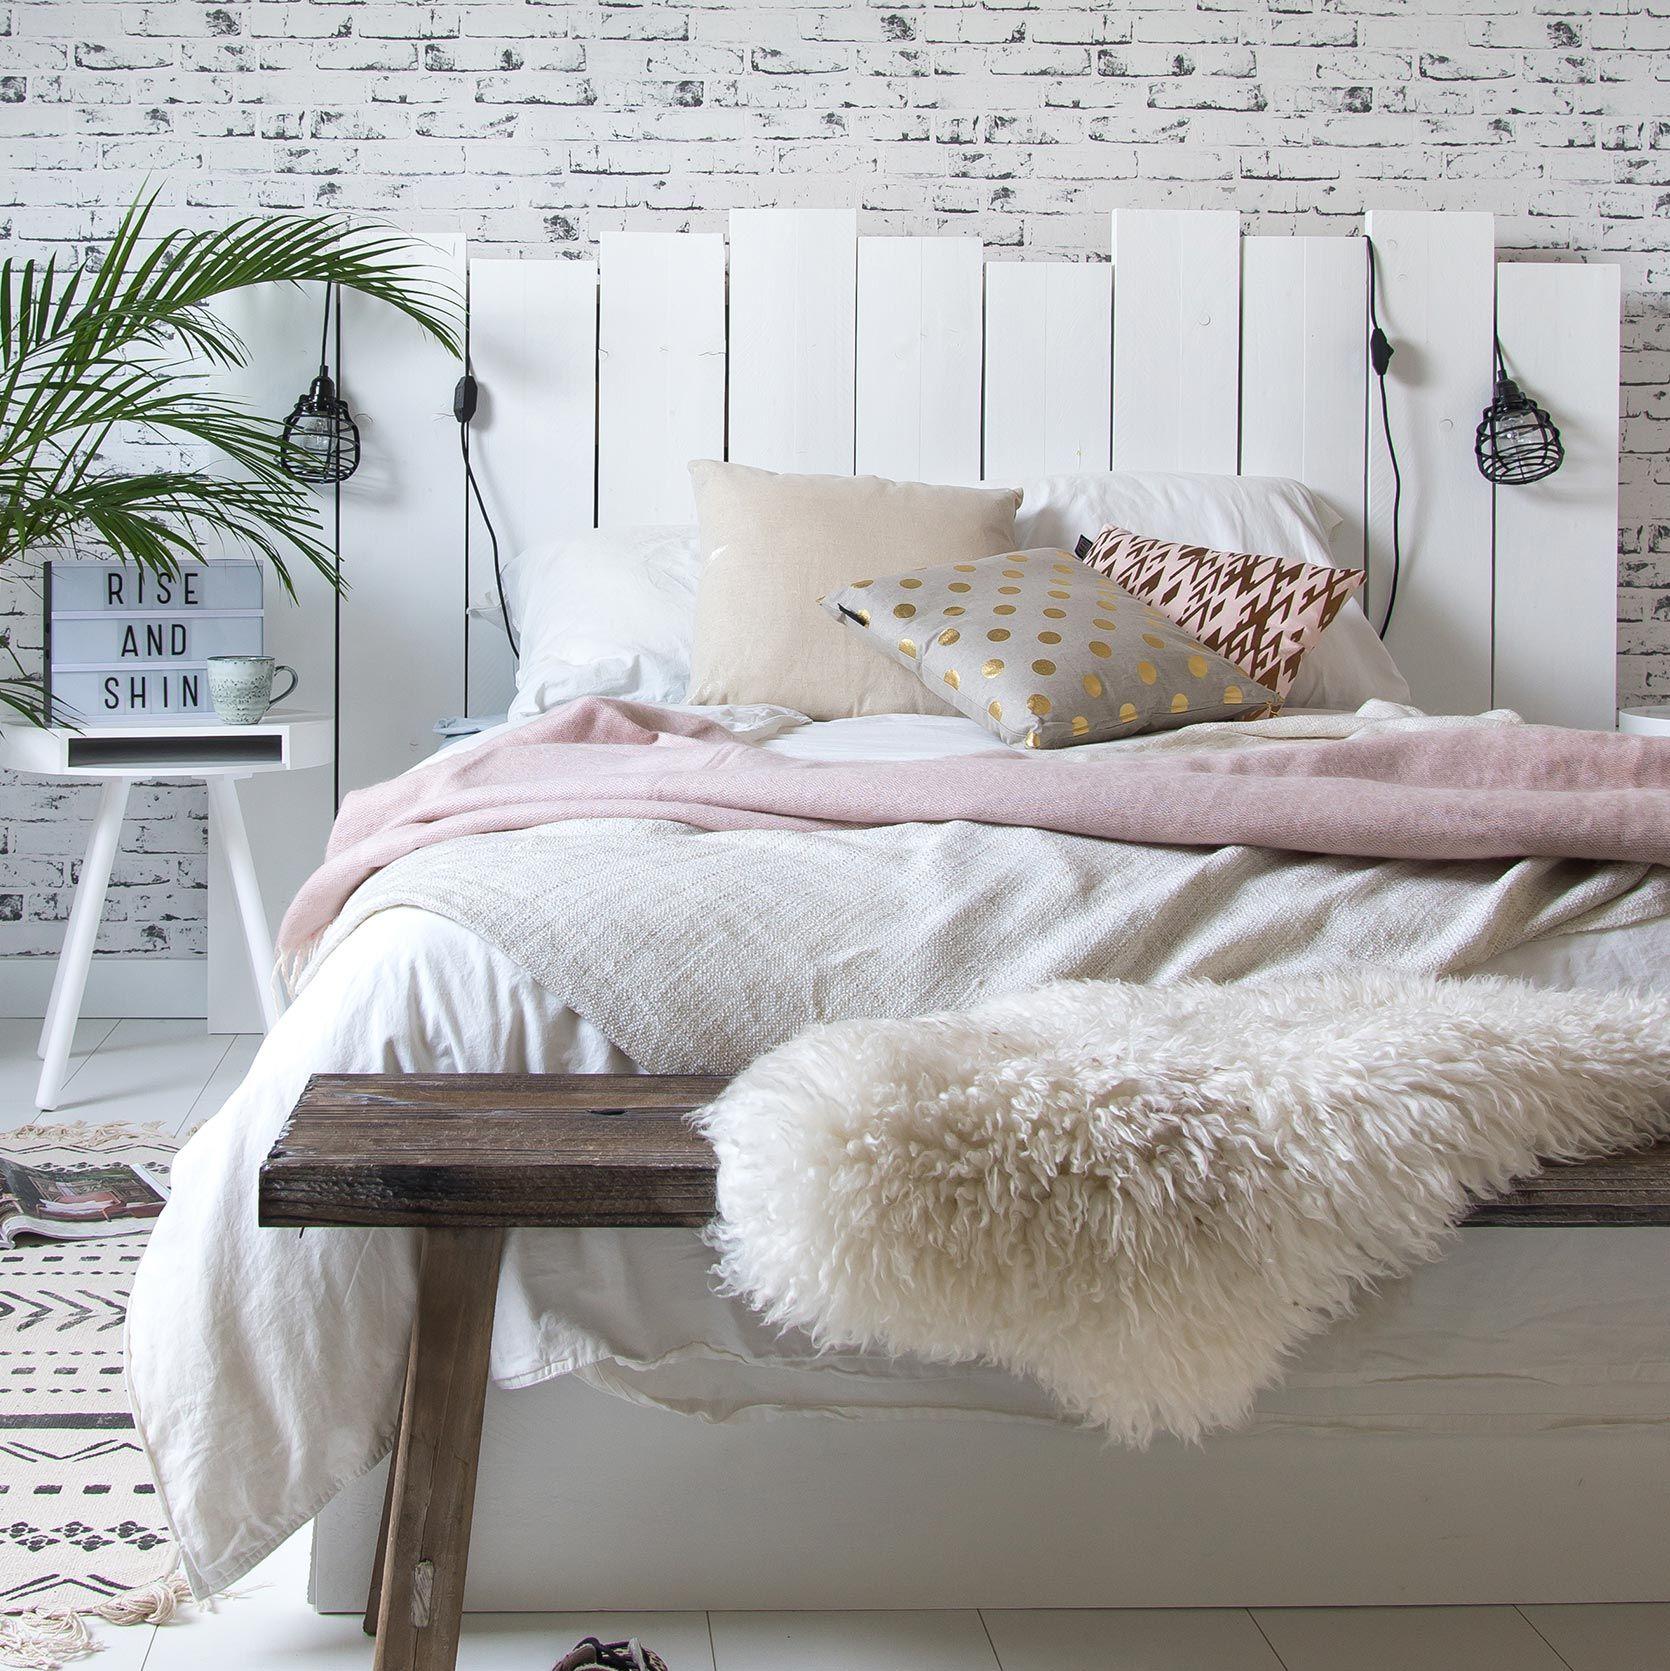 houten hoofdbord plant bankje voor bed nachtkastje lichtkast slaapkamer pinterest. Black Bedroom Furniture Sets. Home Design Ideas